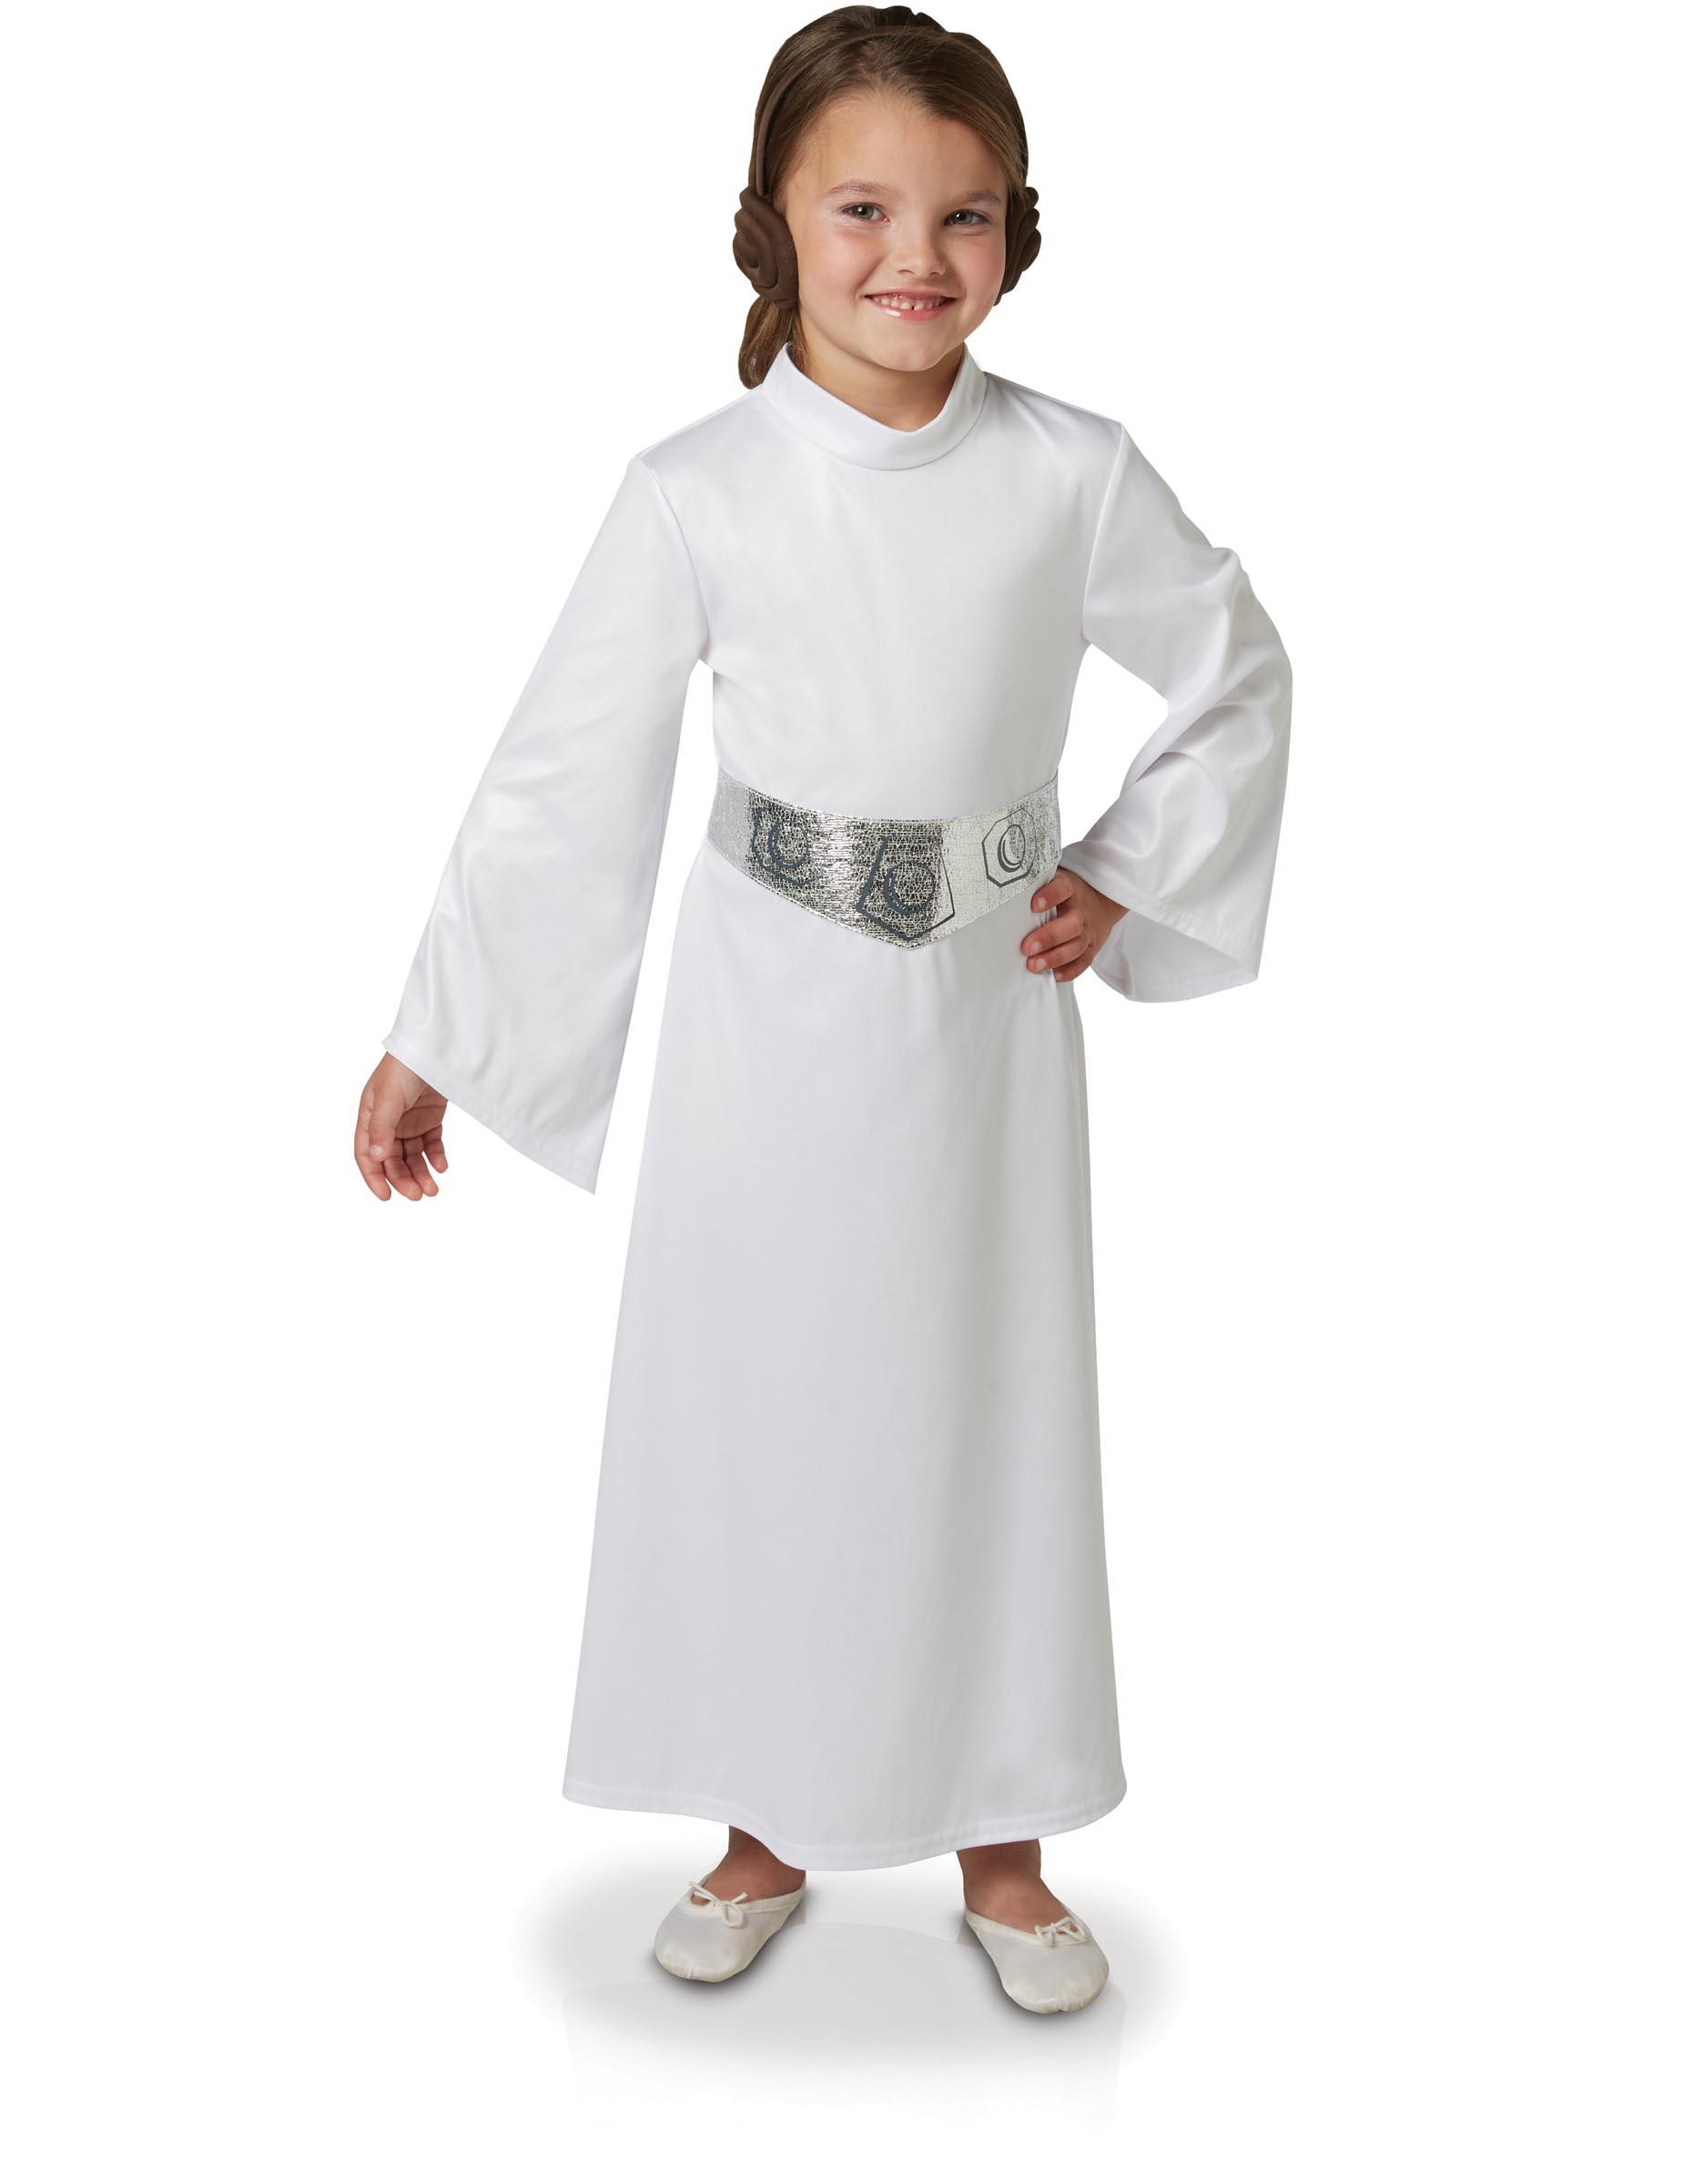 Prinzessin Leia Star Wars Kinder Kostüm Weiß Silber Kostüme Für